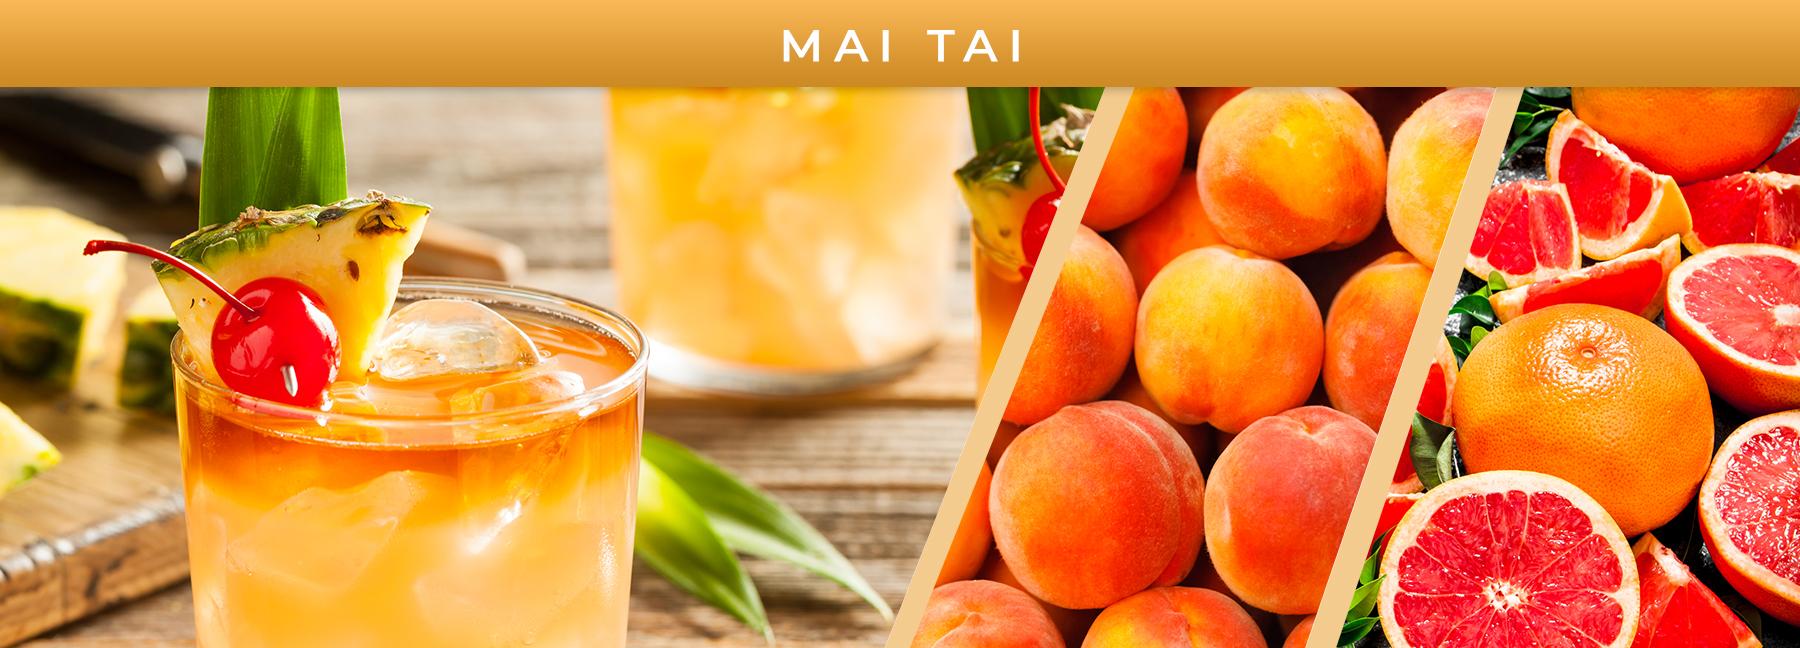 Mai Tai fragrance elements